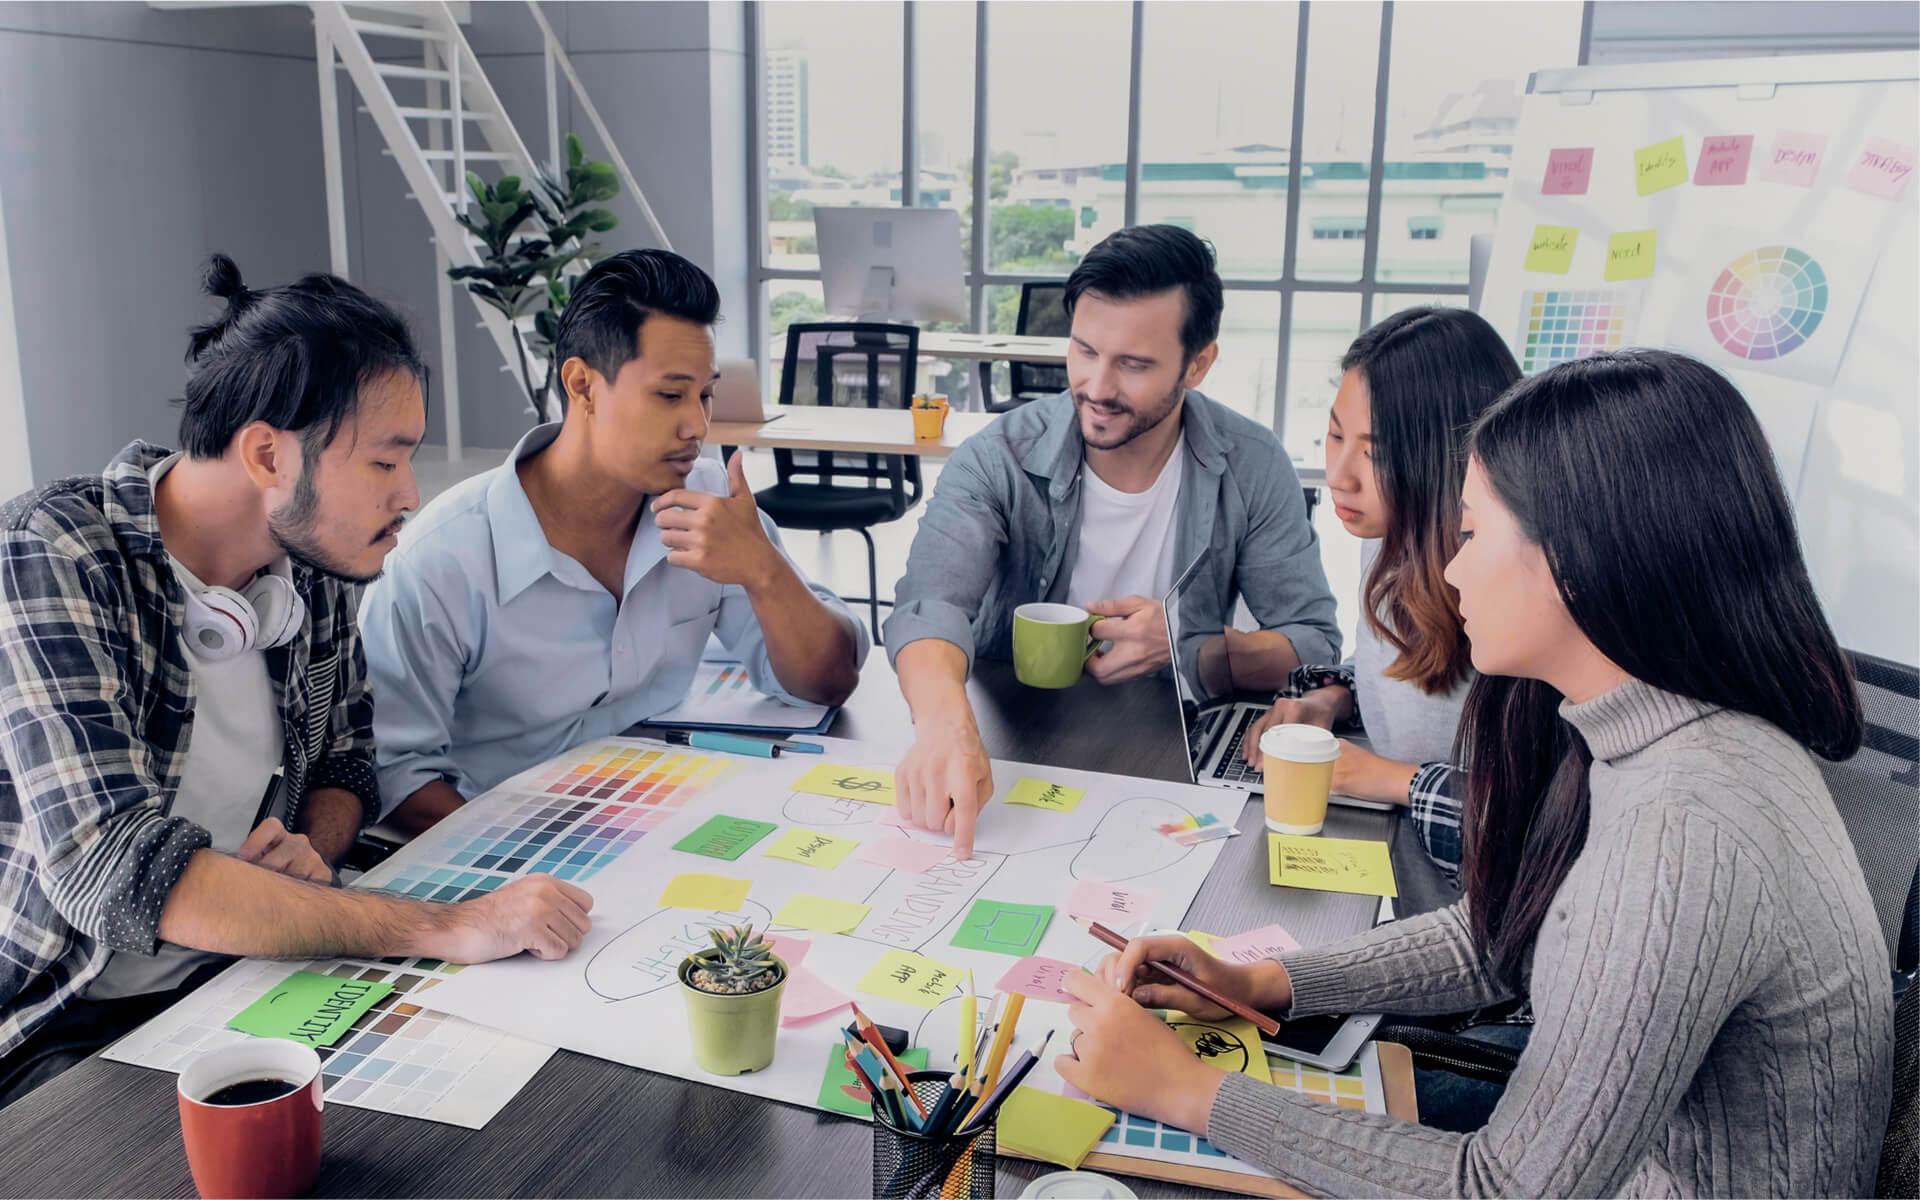 bg-team-planning-brand-management-w1920h1200